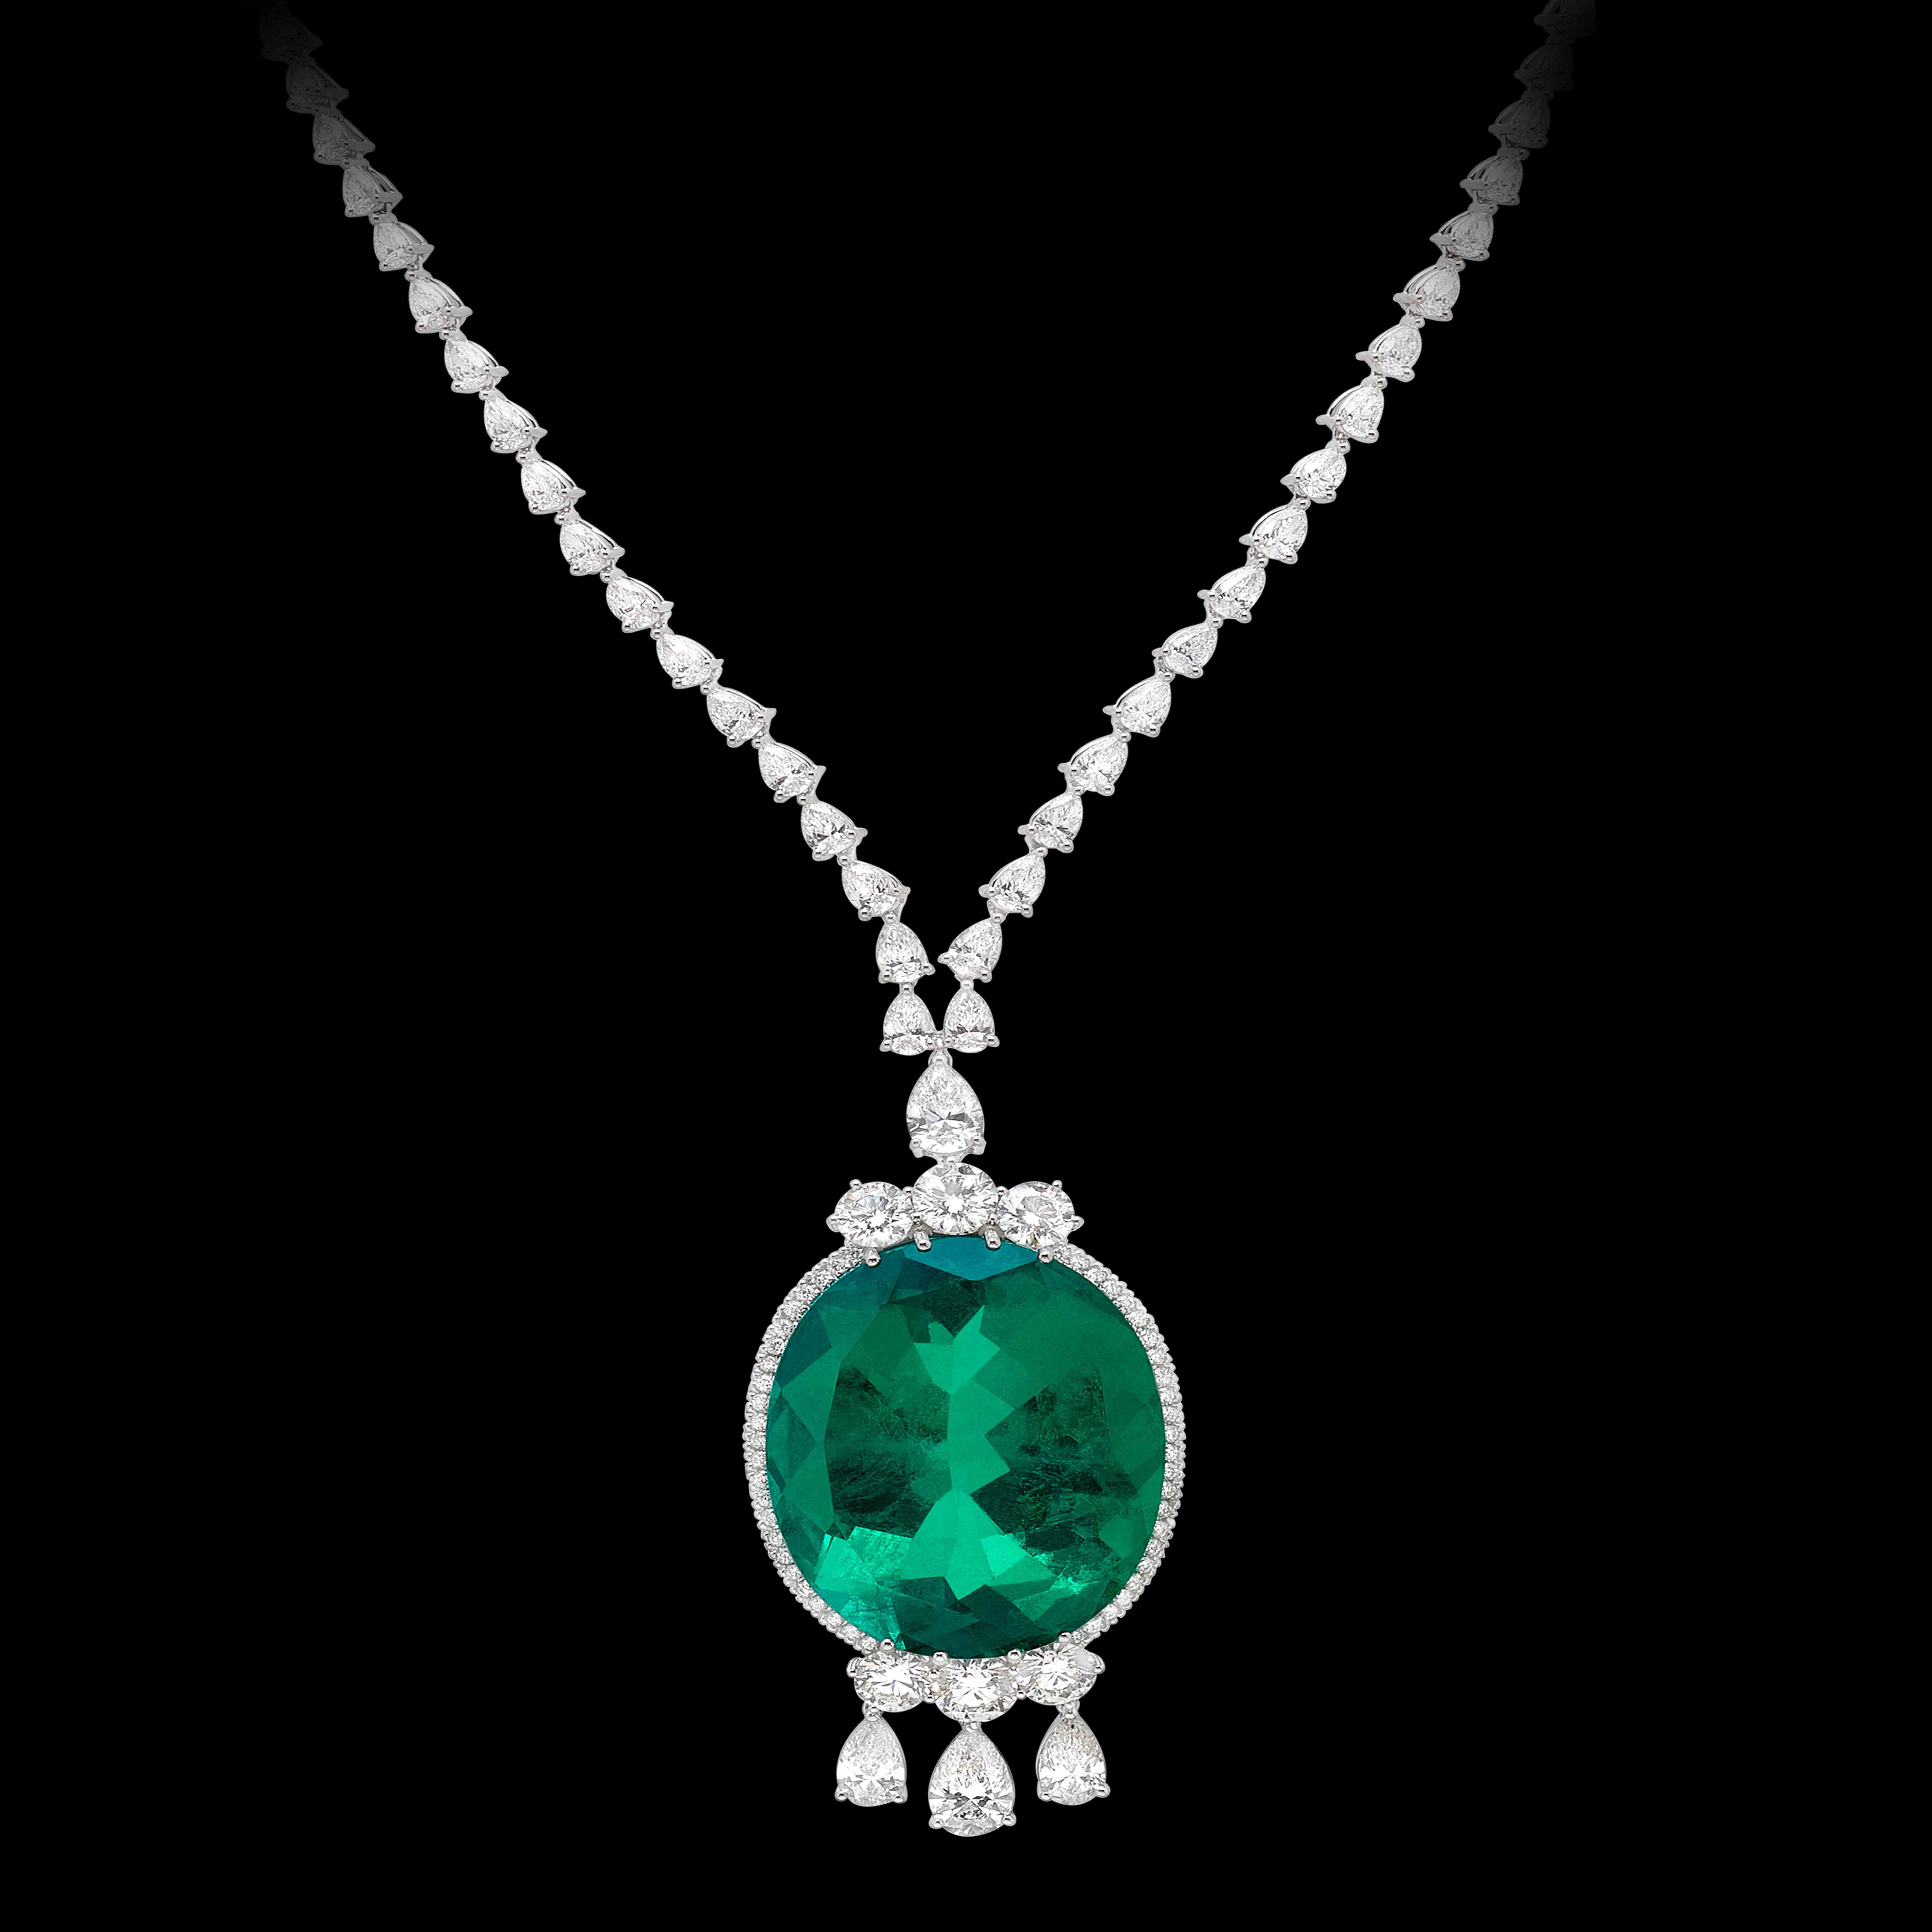 Massimo Raiteri Exclusive Jewellery emerald colombian minor 100 ct smeraldo colombiano necklace girocollo tennis diamanti diamonds classic high jewellery